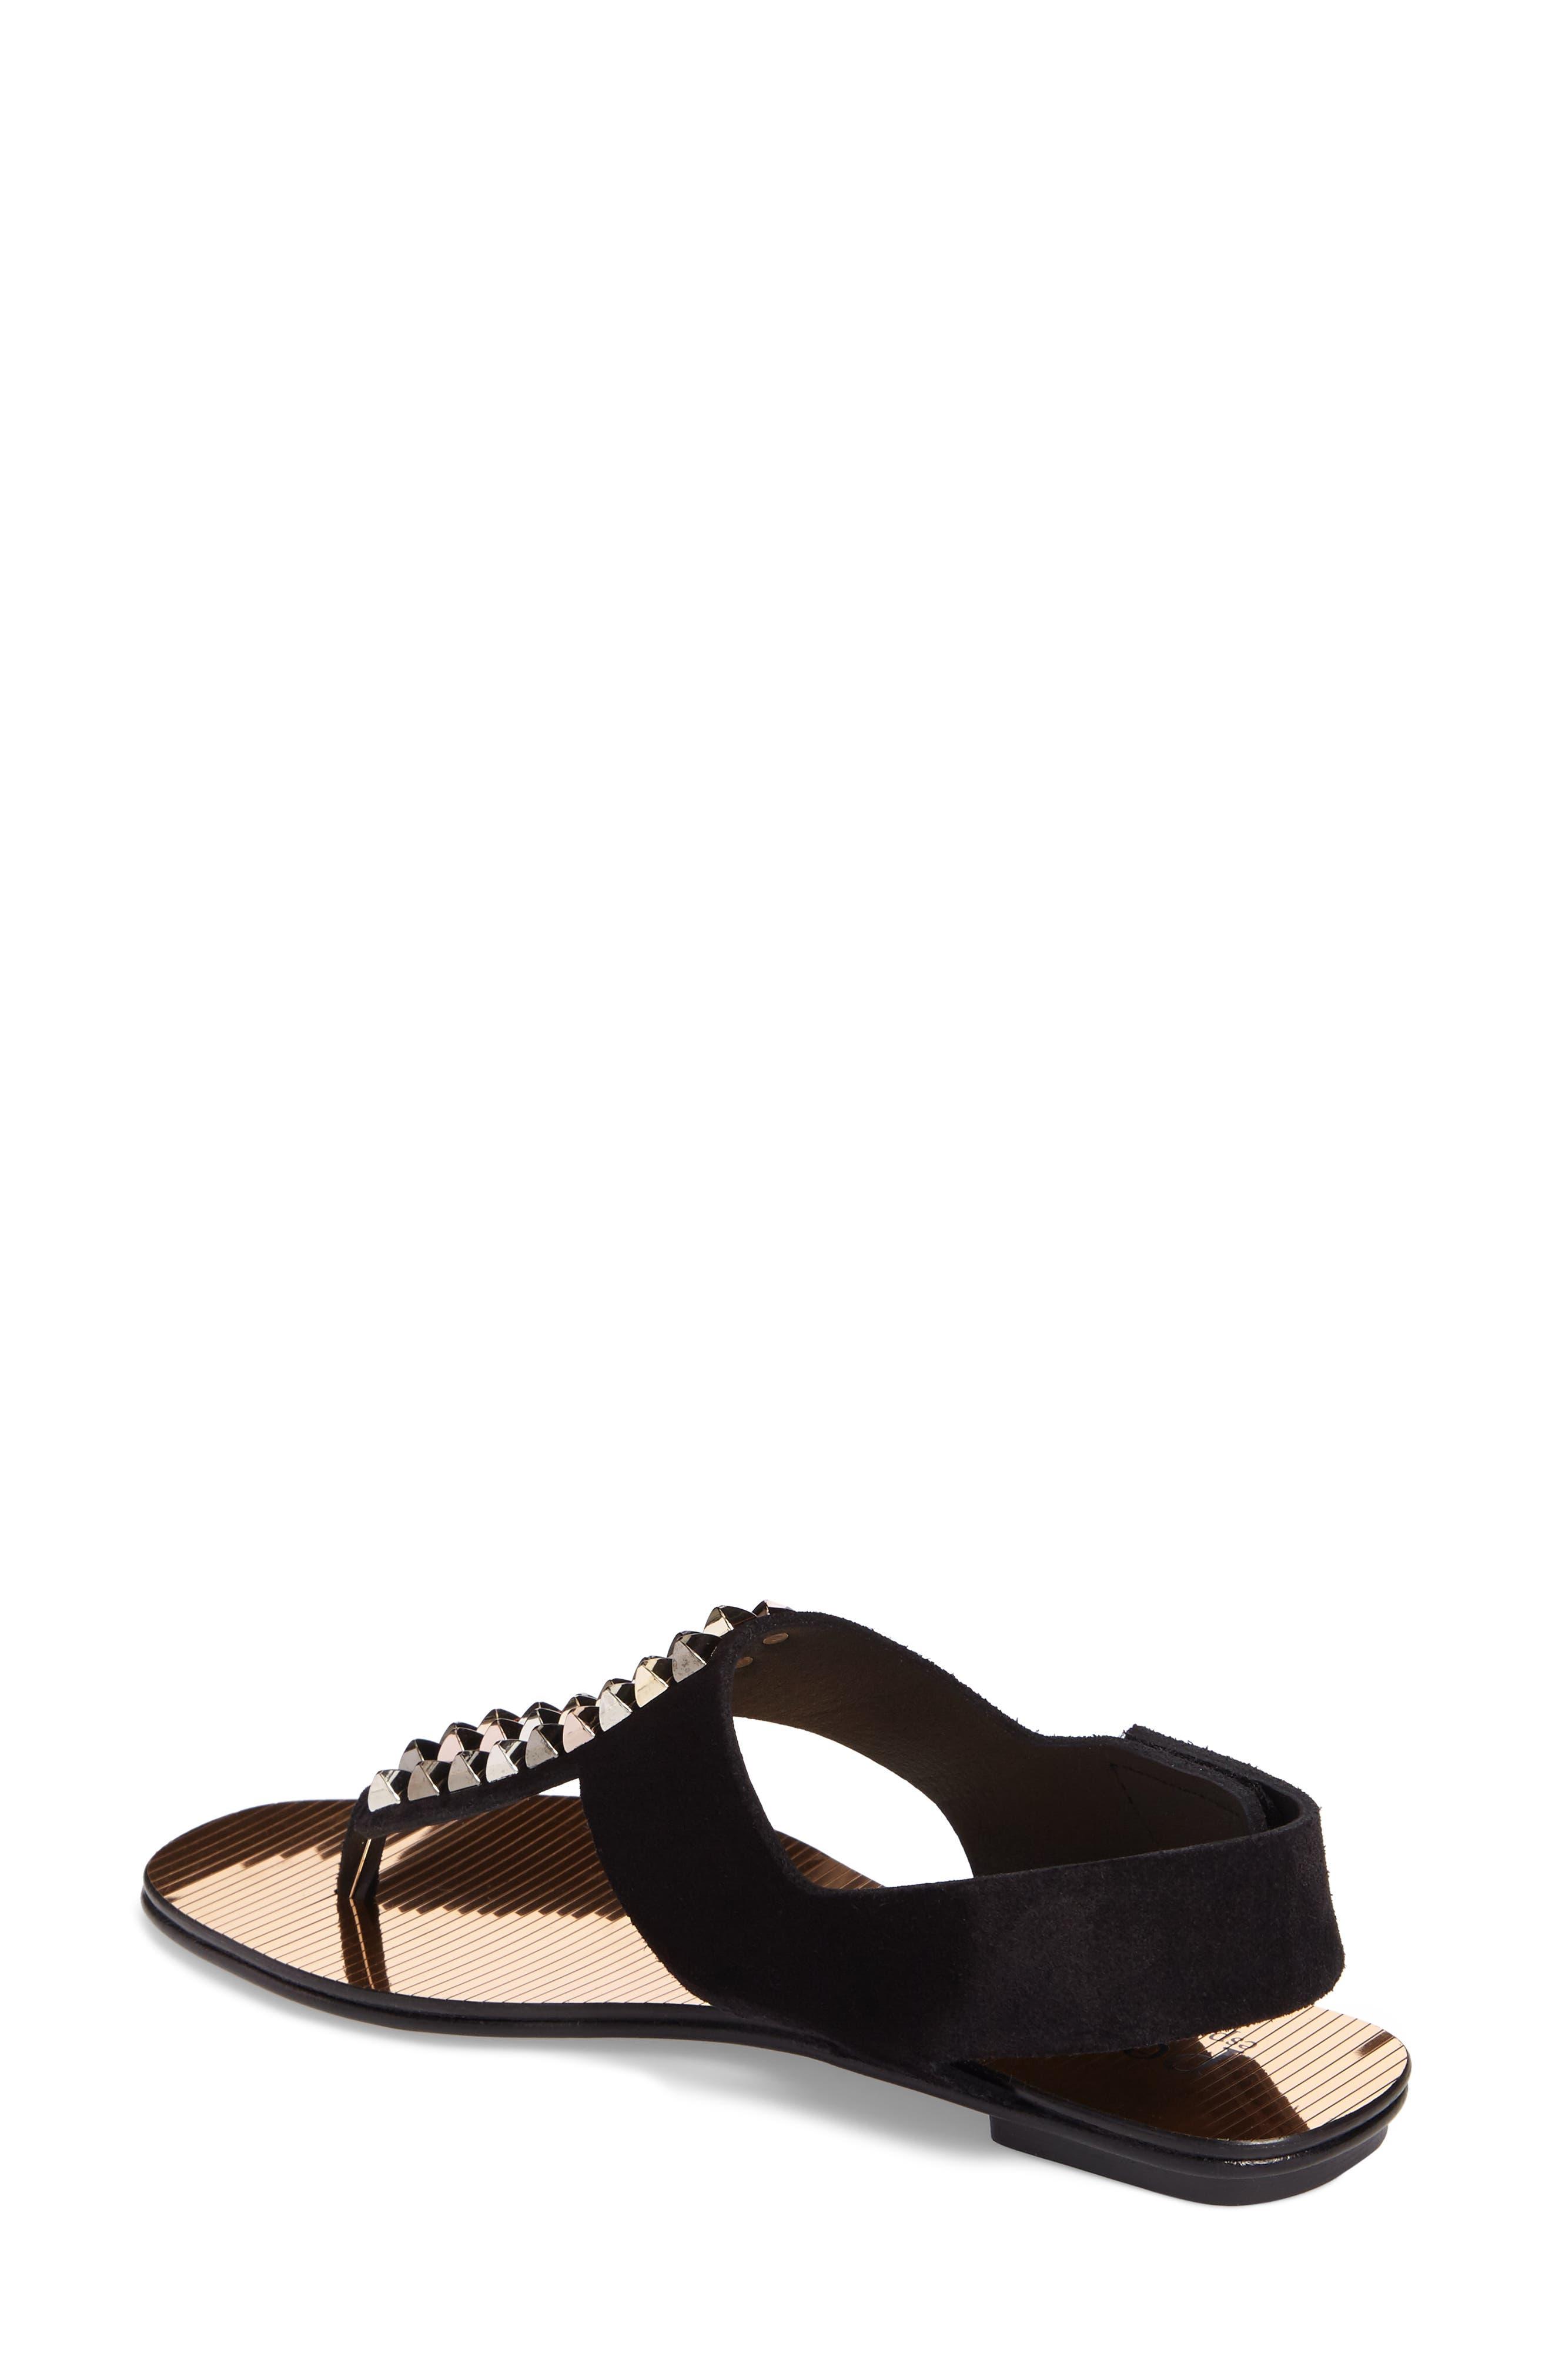 Enid Studded T-Strap Sandal,                             Alternate thumbnail 2, color,                             001